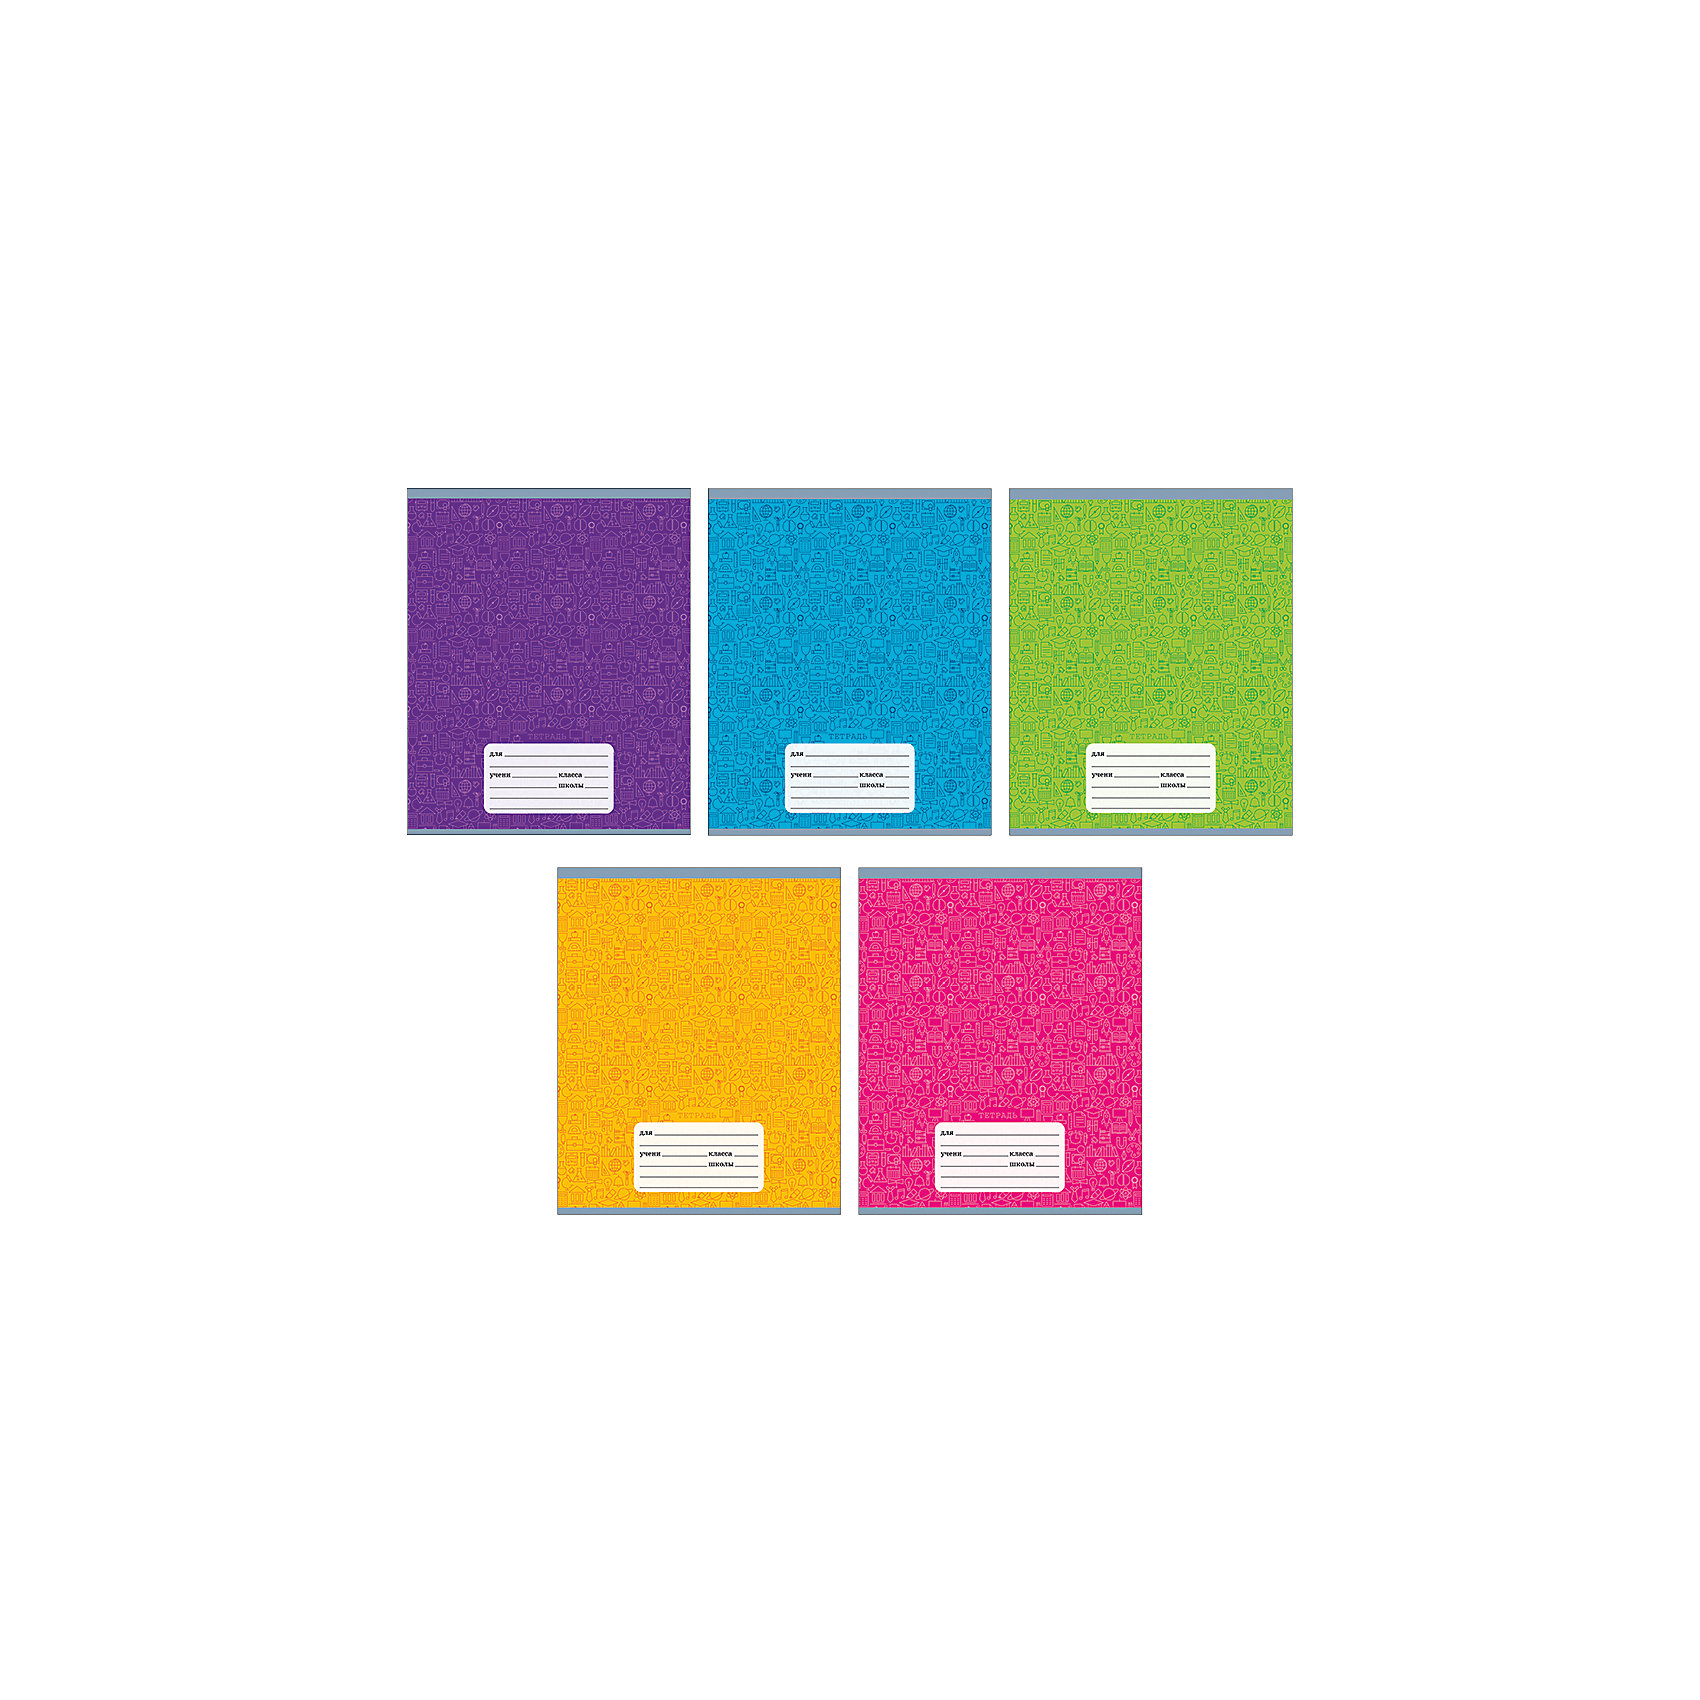 Комплект тетрадей Школьный мир (10 шт), 18 листов, Канц-ЭксмоБумажная продукция<br>Характеристики комплекта тетрадей Школьный мир:<br><br>• размеры: 20.2х16.3х3.5 см<br>• количество листов: 18 шт.<br>• разлиновка: клетка<br>• формат: А 5 <br>• комплектация: тетрадь<br>• бумага: офсет, плотностью 60 г/м2.<br>• обложка: мелованный картон , выборочный лак.<br>• бренд: Канц-Эксмо<br>• страна бренда: Россия<br>• страна производителя: Россия<br><br>Комплект тетрадей Школьный мир от производителя Канц-Эксмо выполнен в формате А5, в однотонных ярких цветах. Количество листов 18, тетради в клетку с полями. Крепление: скрепка. Обложка у изделий плотная - мелованный картон, выборочный лак.<br><br>Комплект тетрадей Школьный мир от производителя Канц-Эксмо можно купить в нашем интернет-магазине.<br><br>Ширина мм: 210<br>Глубина мм: 165<br>Высота мм: 20<br>Вес г: 52<br>Возраст от месяцев: 72<br>Возраст до месяцев: 2147483647<br>Пол: Унисекс<br>Возраст: Детский<br>SKU: 5448390